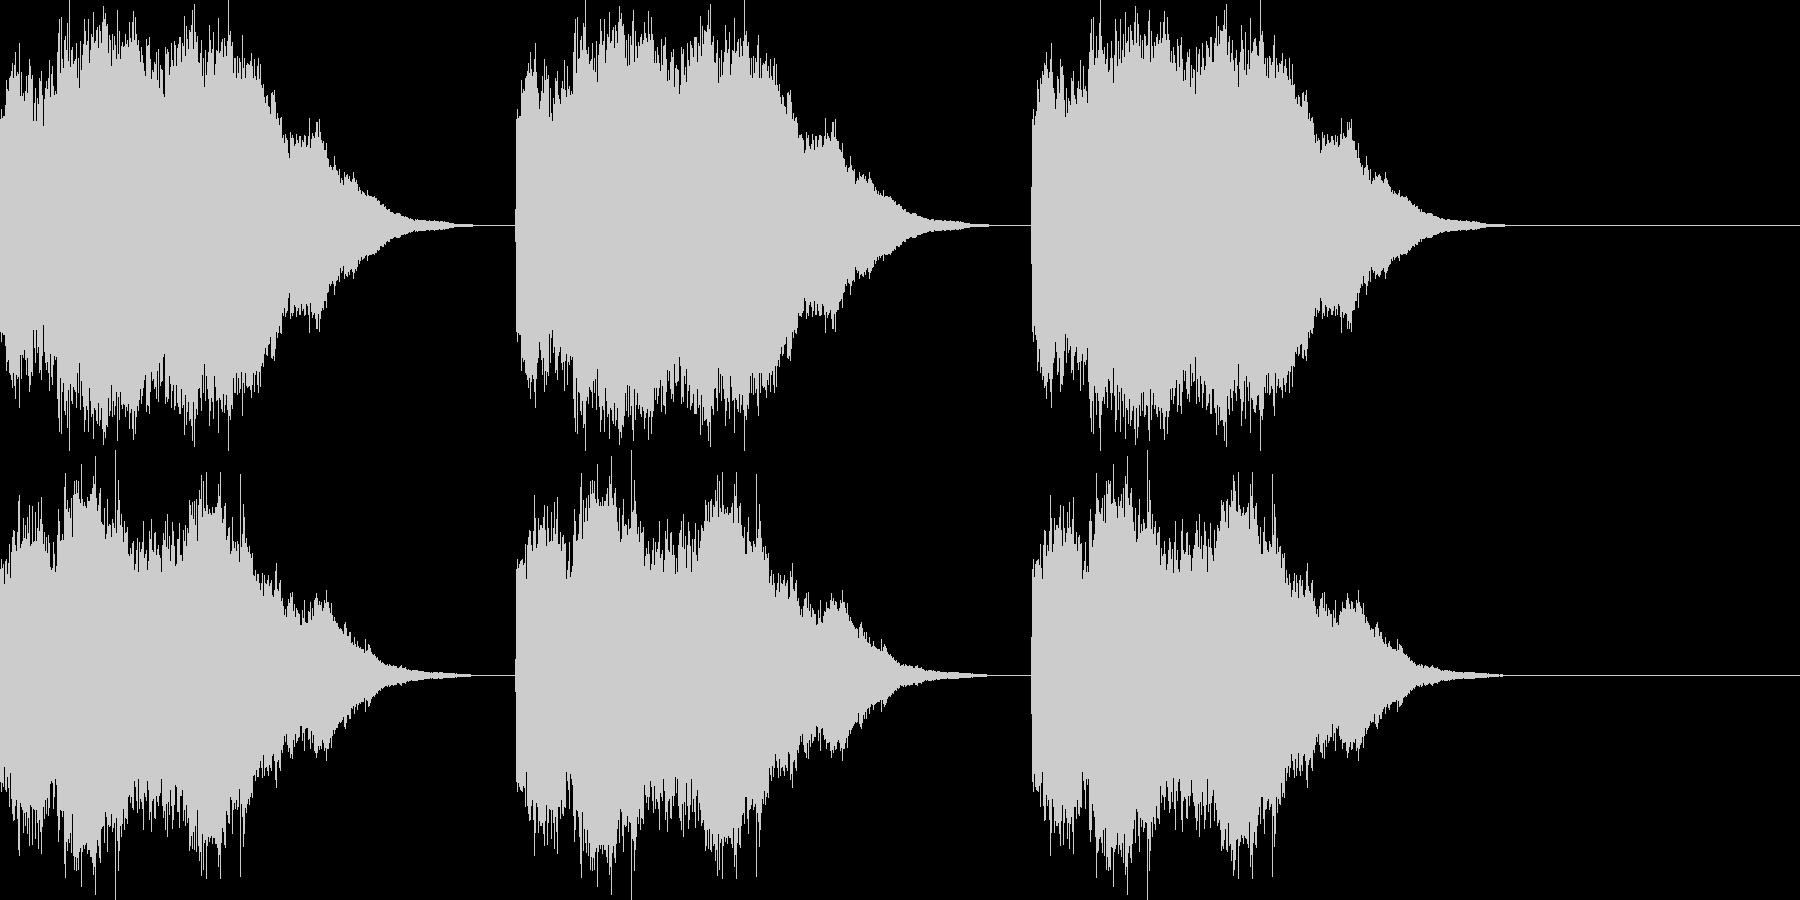 ベル/コール/着信音/アラーム音/ロングの未再生の波形